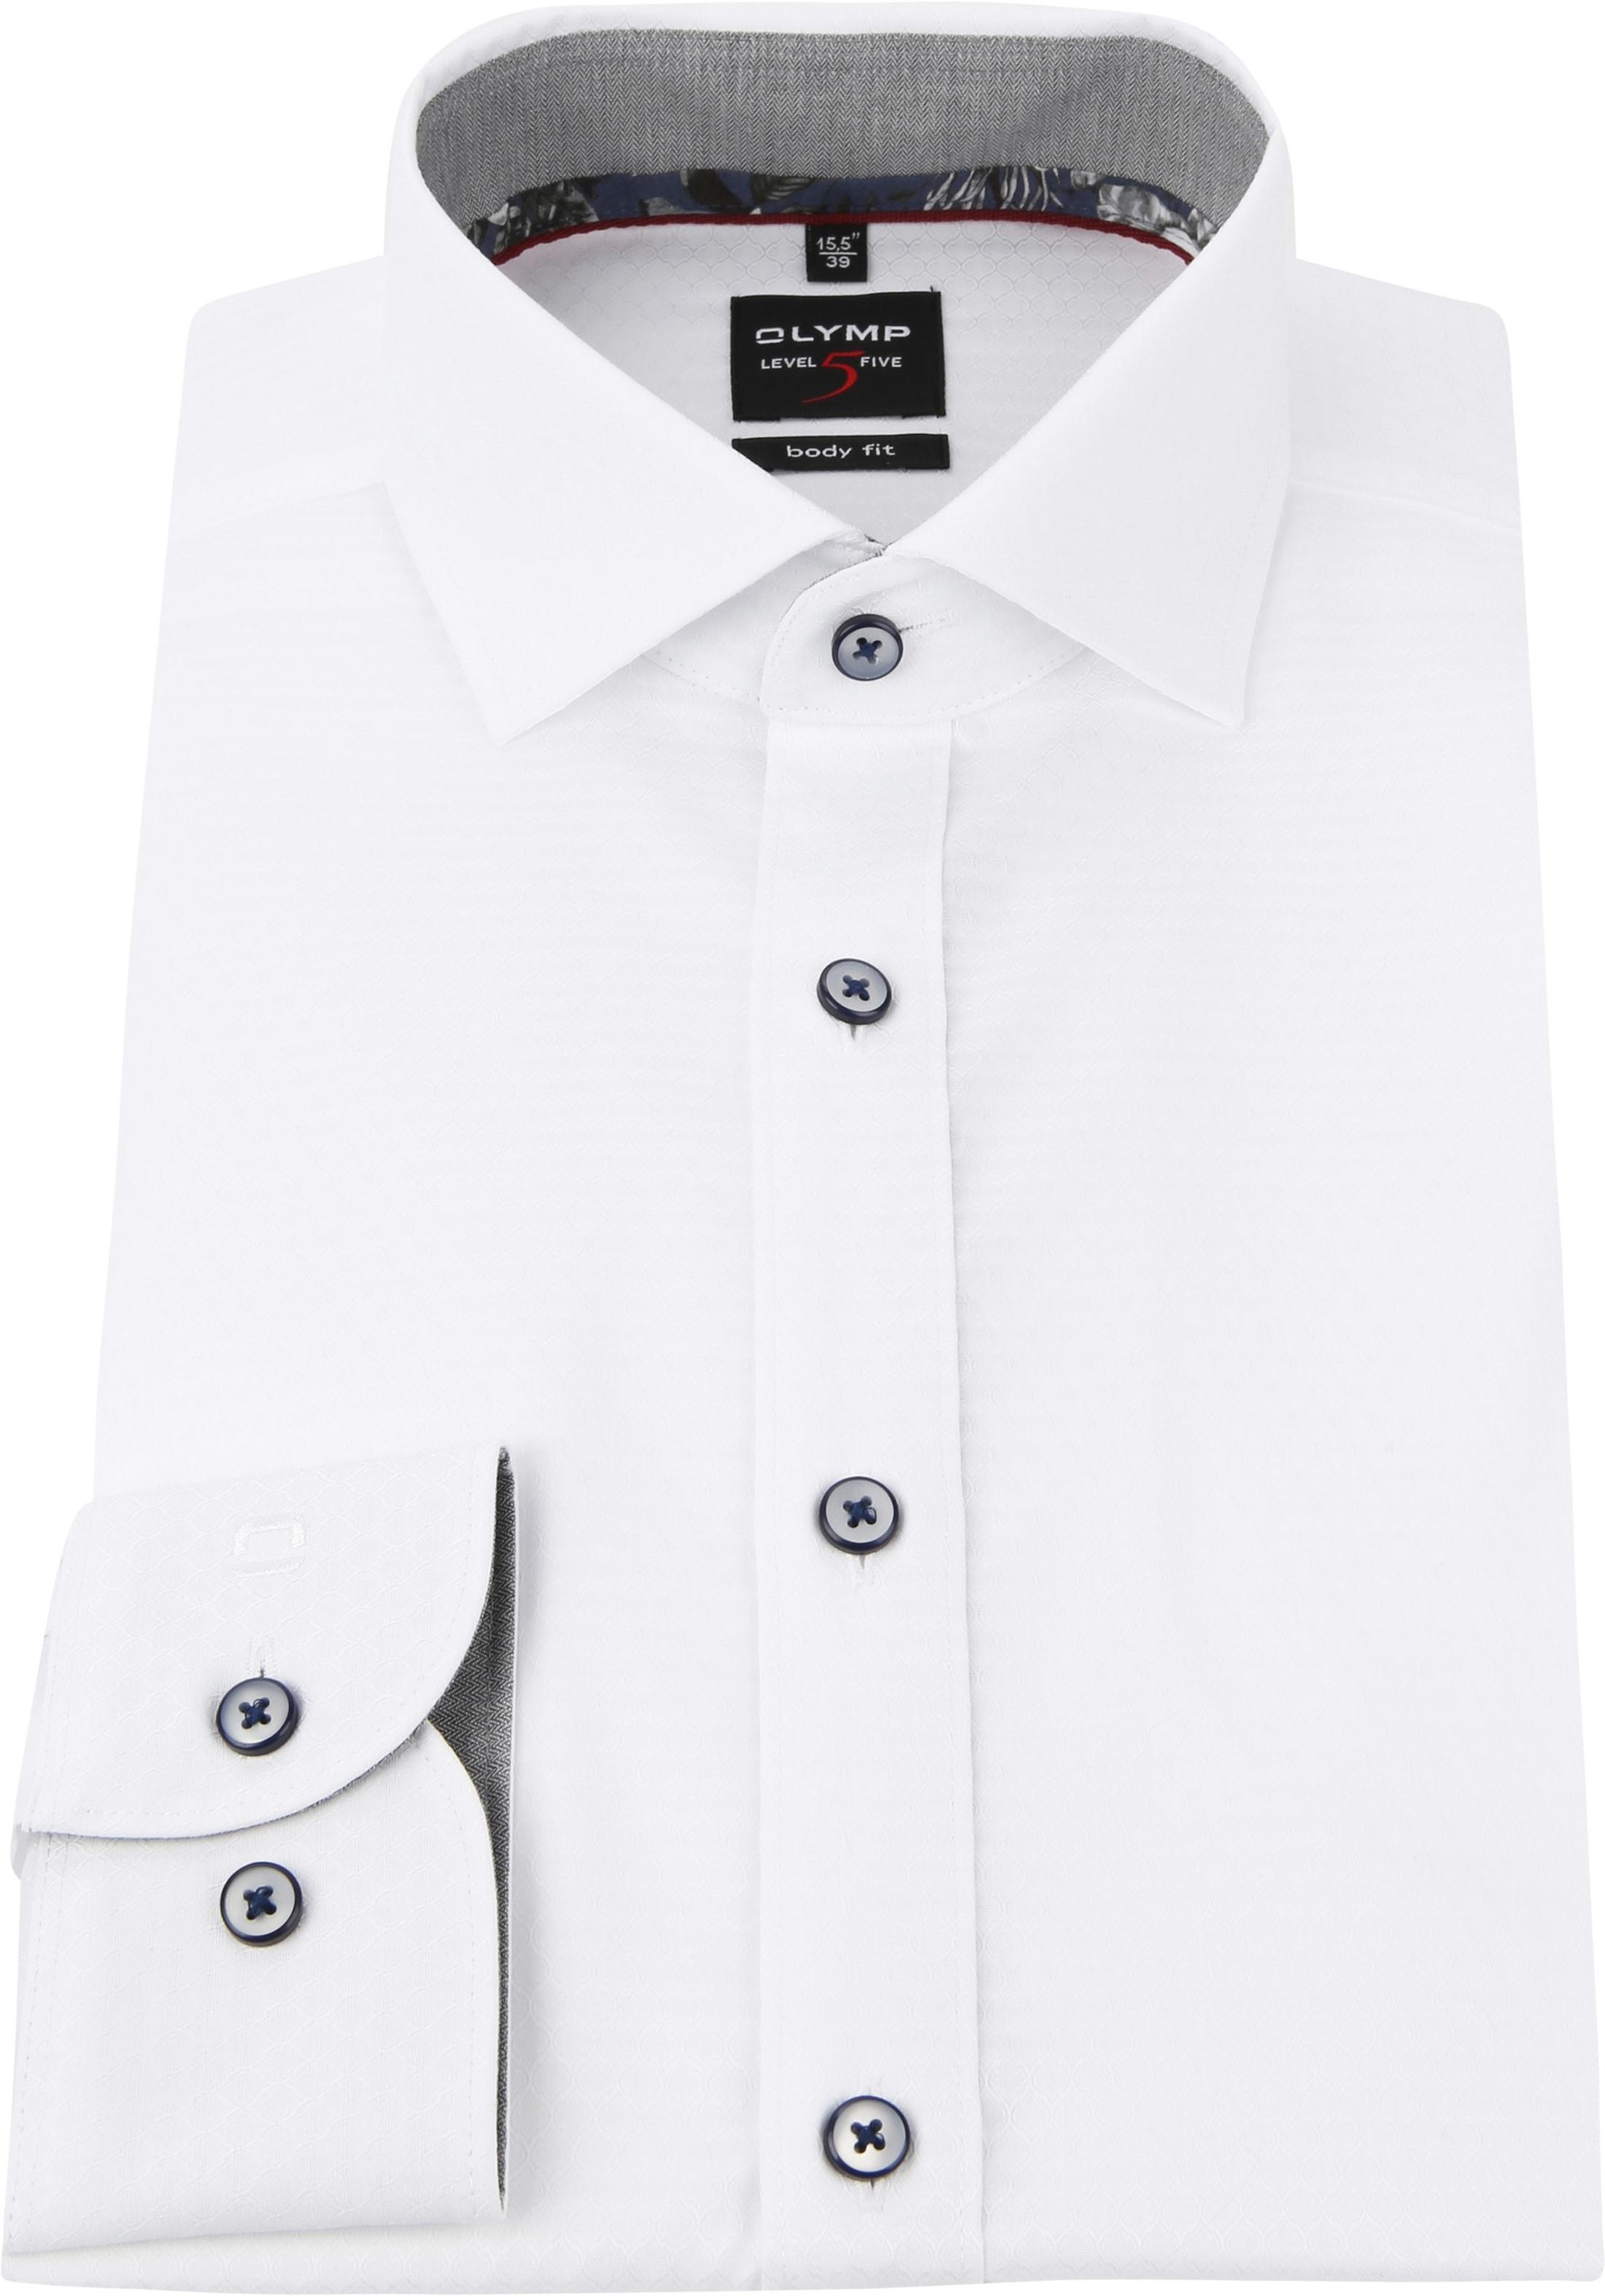 OLYMP Level 5 Overhemd Wit Dessin foto 2